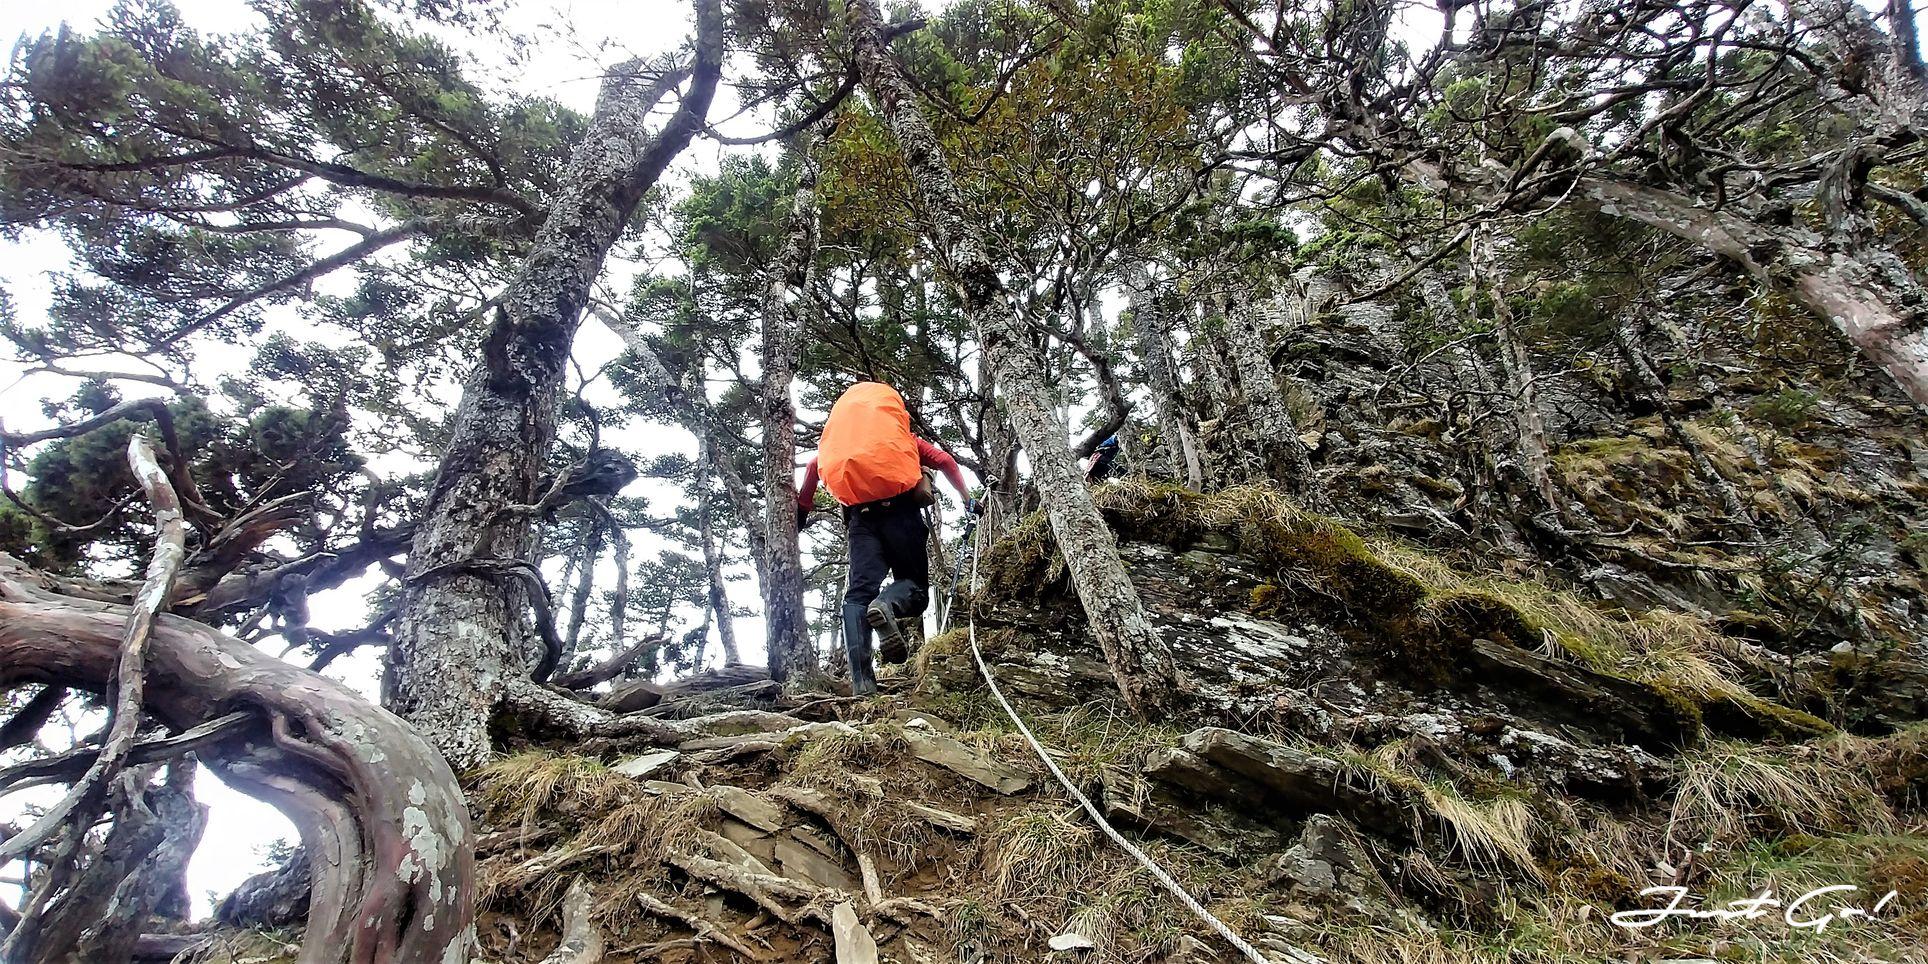 台灣 - 一日百岳·畢祿羊頭縱走單攻紀錄- gpx路線、申請、接駁及遊記15